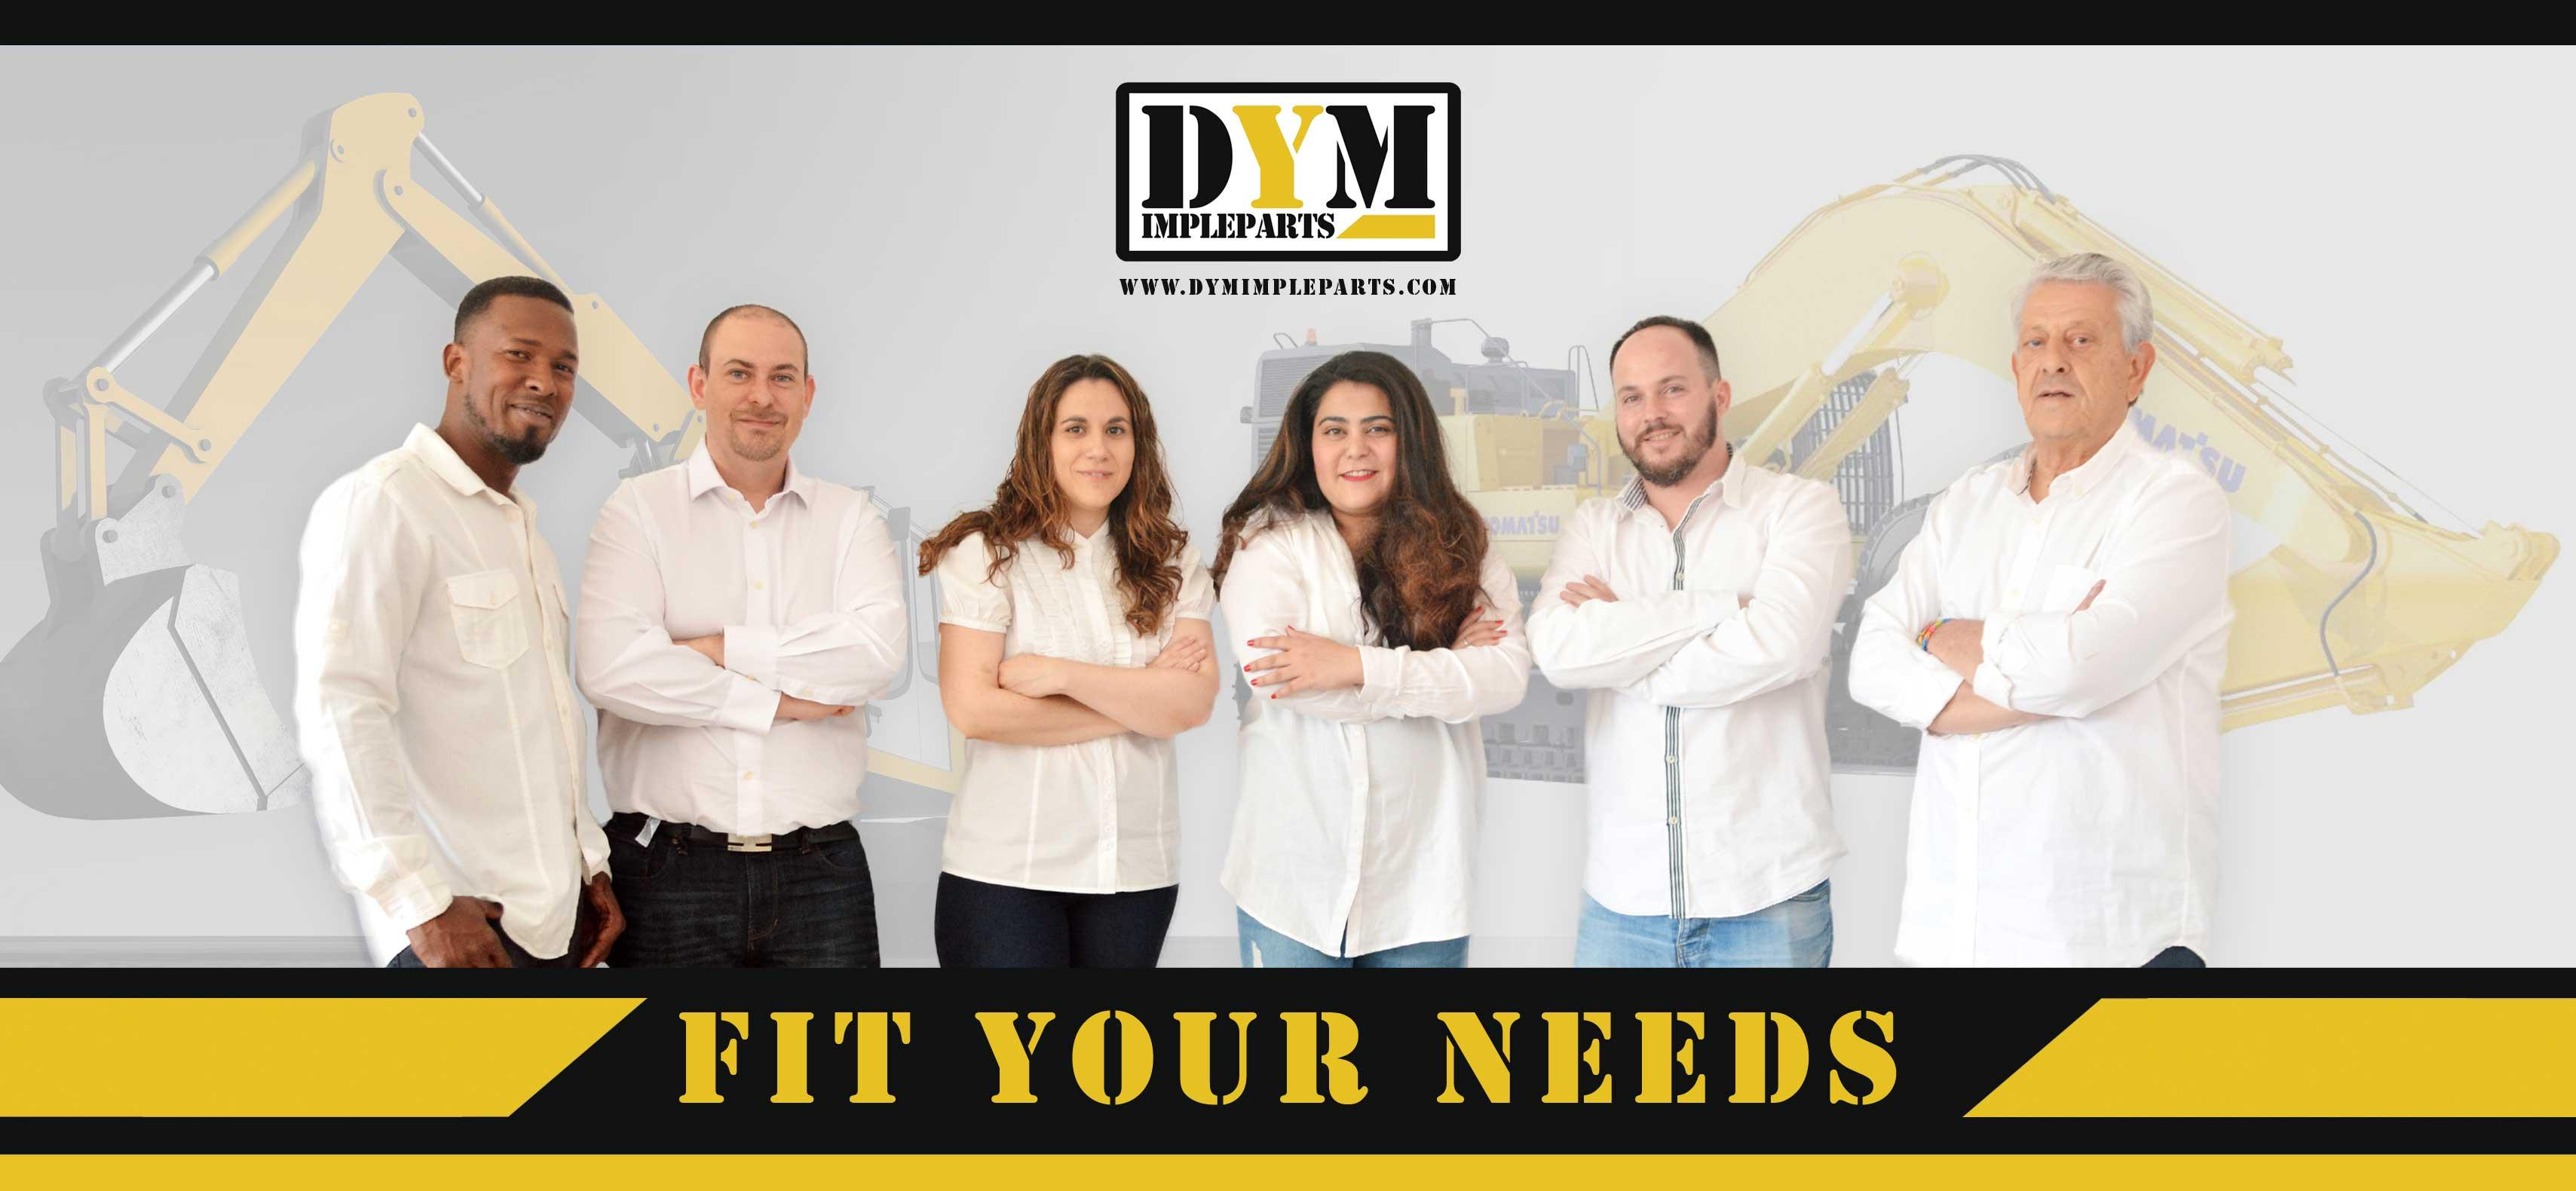 DYM Impleparts - Maquinaria para construccion y obra publica